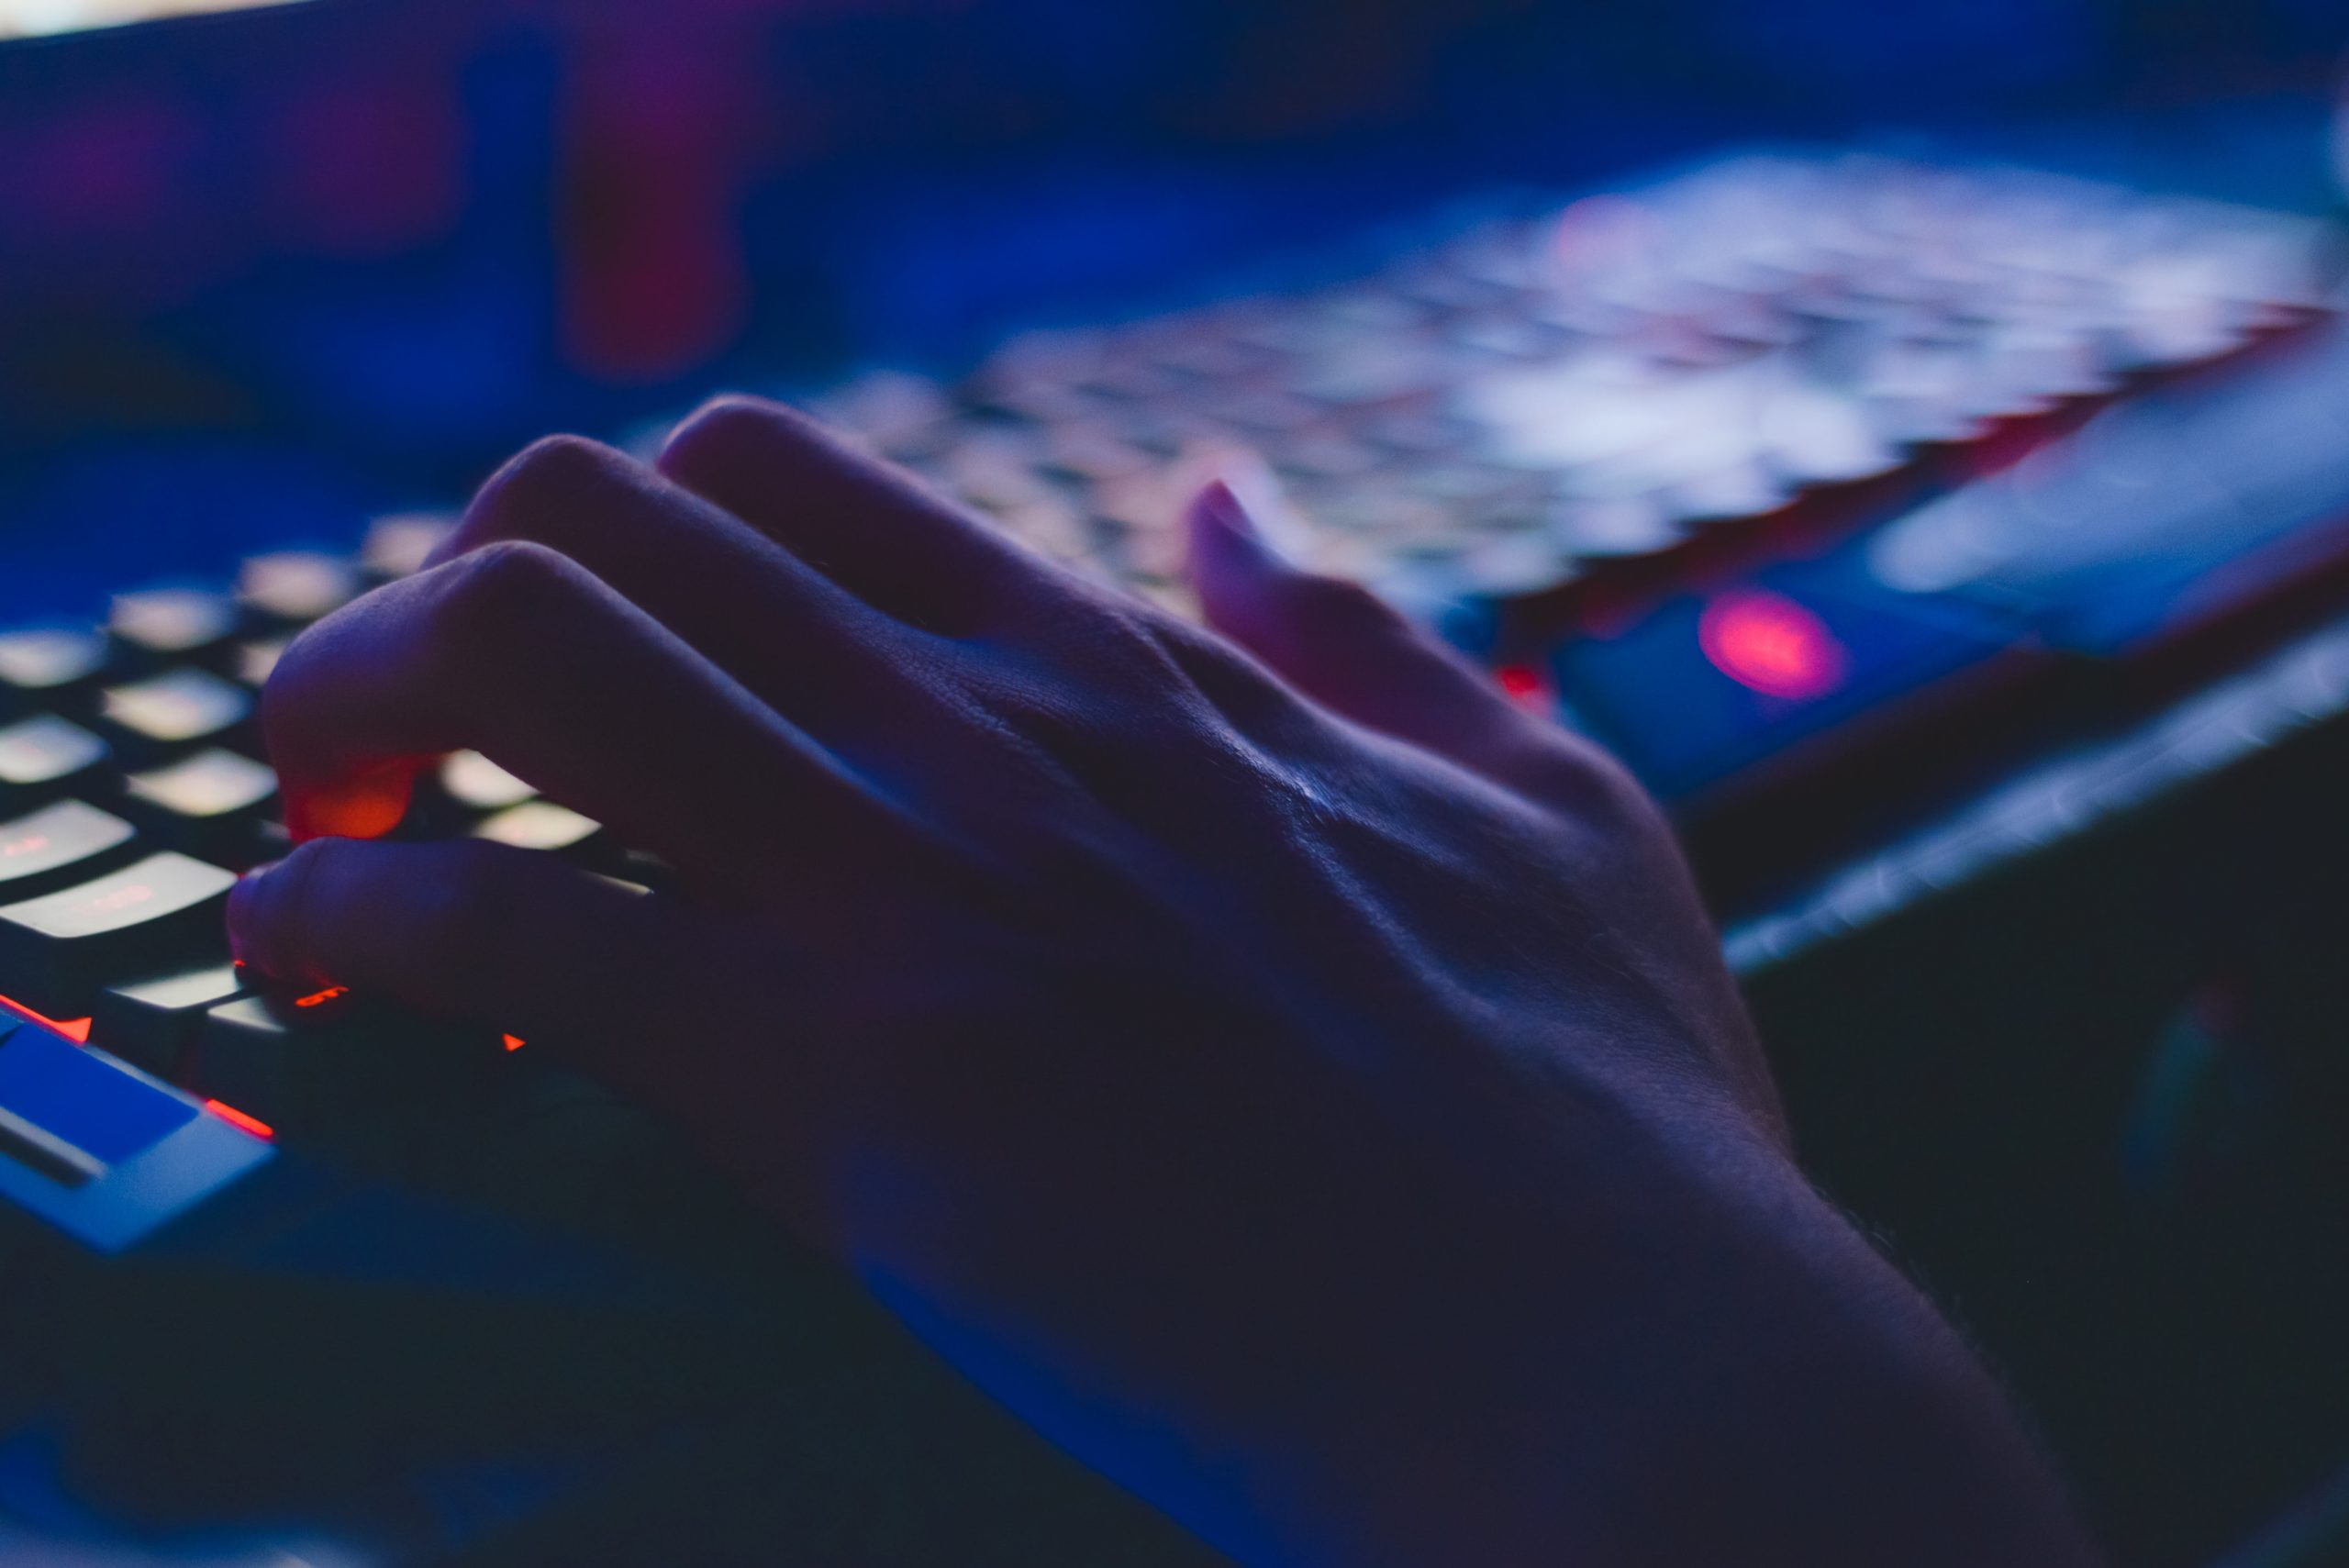 Cómo saber el modelo de un PC